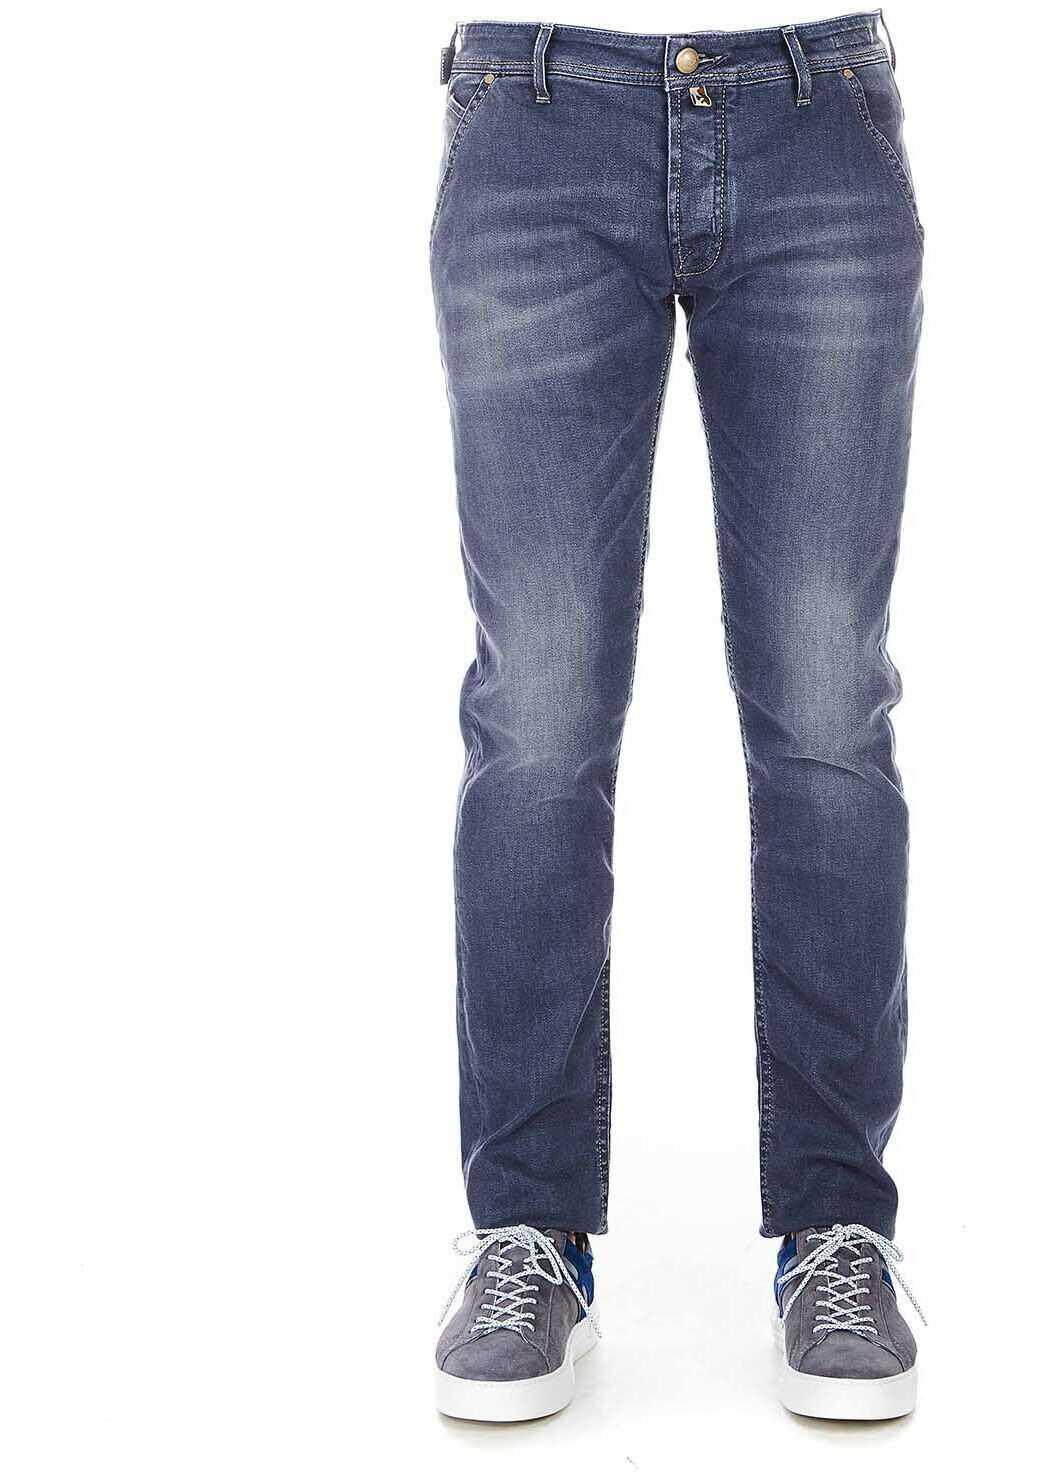 Jacob Cohen Jeans Grey